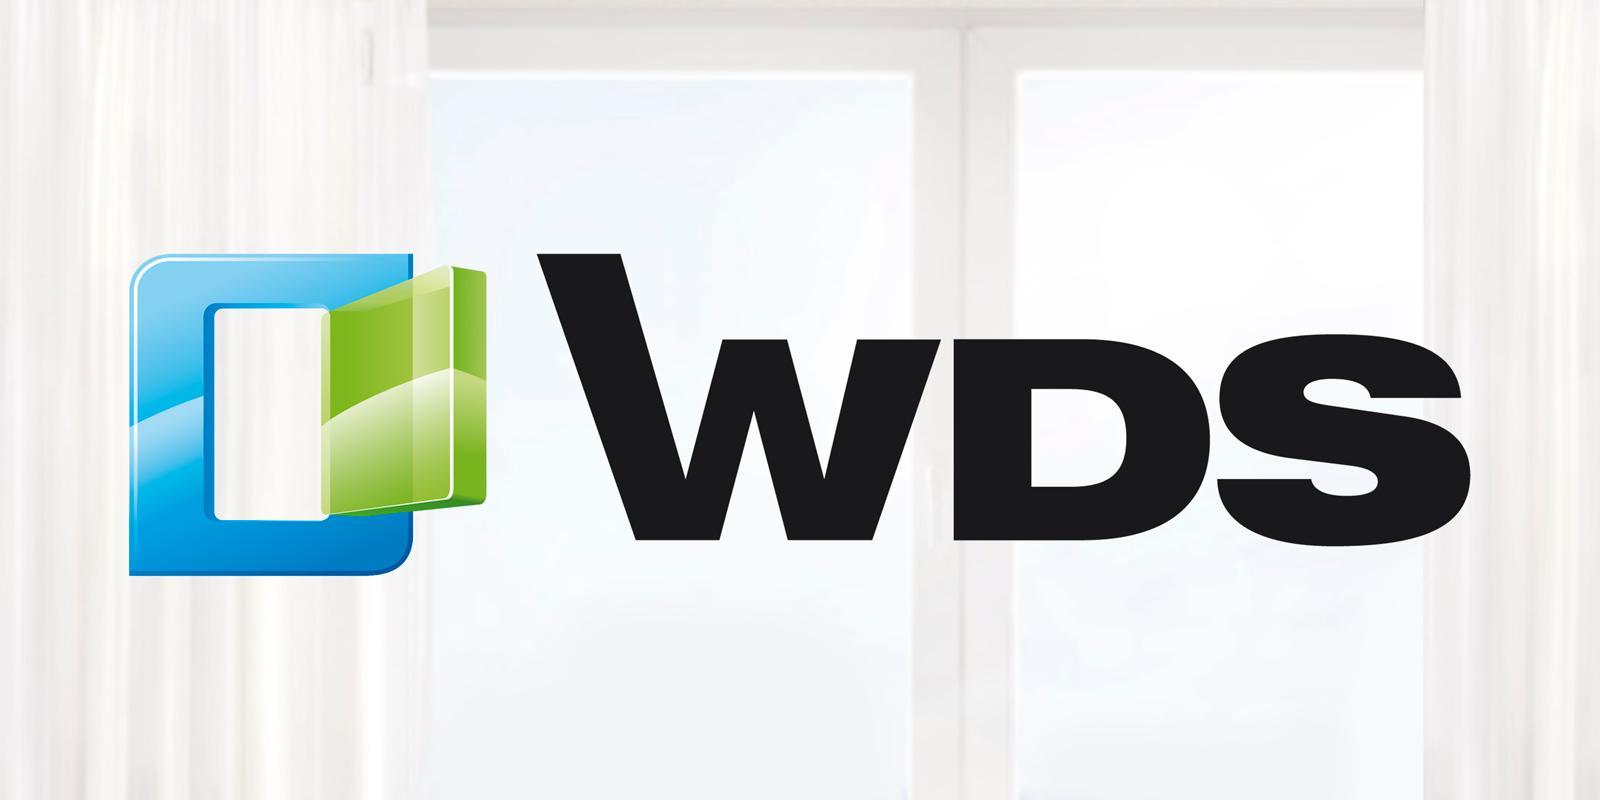 TM WDS;;;;;;Рестайлинг логотипа;;;;;;<span>Клиент:</span> Компания «МИРОПЛАСТ»;;;;;;;;;;;;Рестайлинг логотипа;;;;;; 1 ;;;;;;